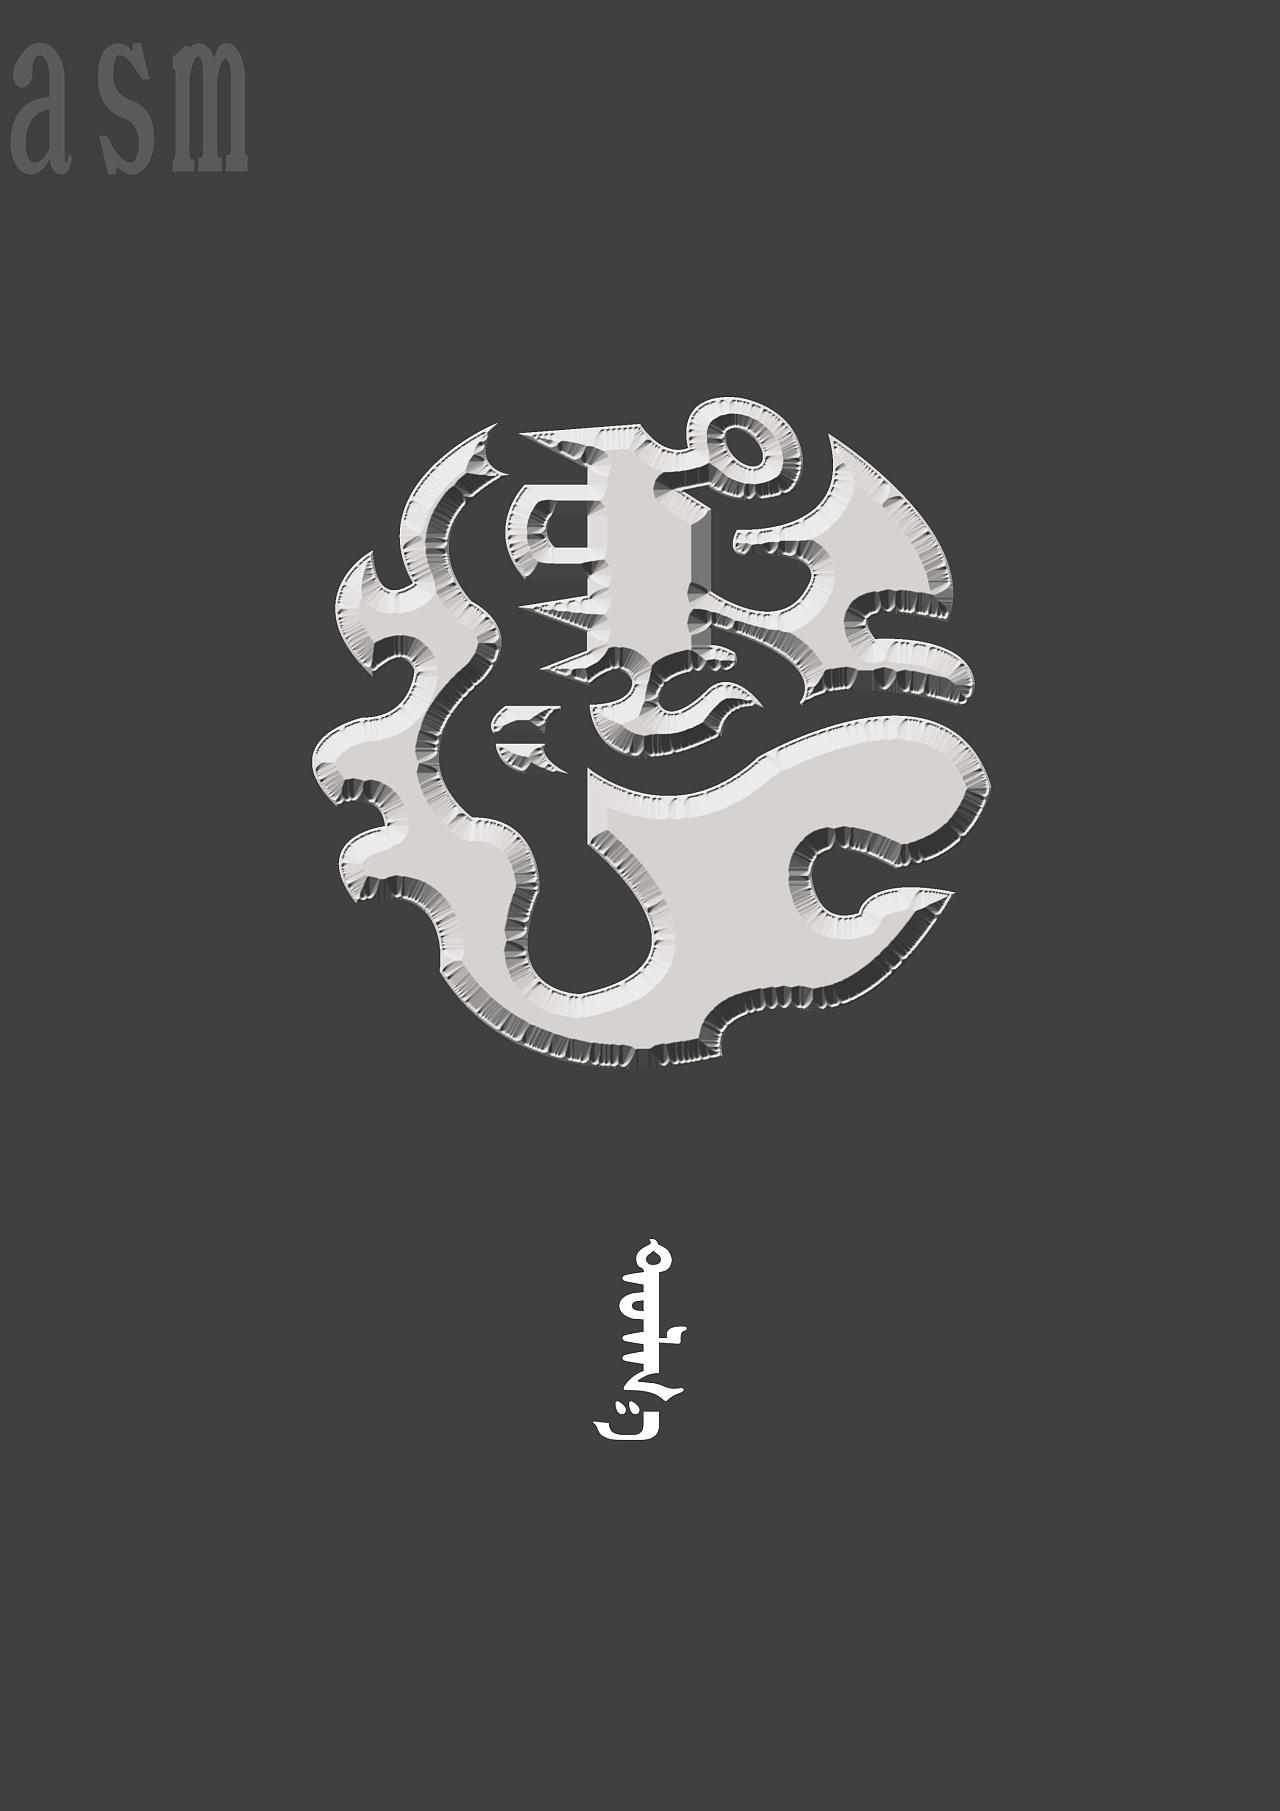 蒙古艺术文字2 -阿斯玛设计 第9张